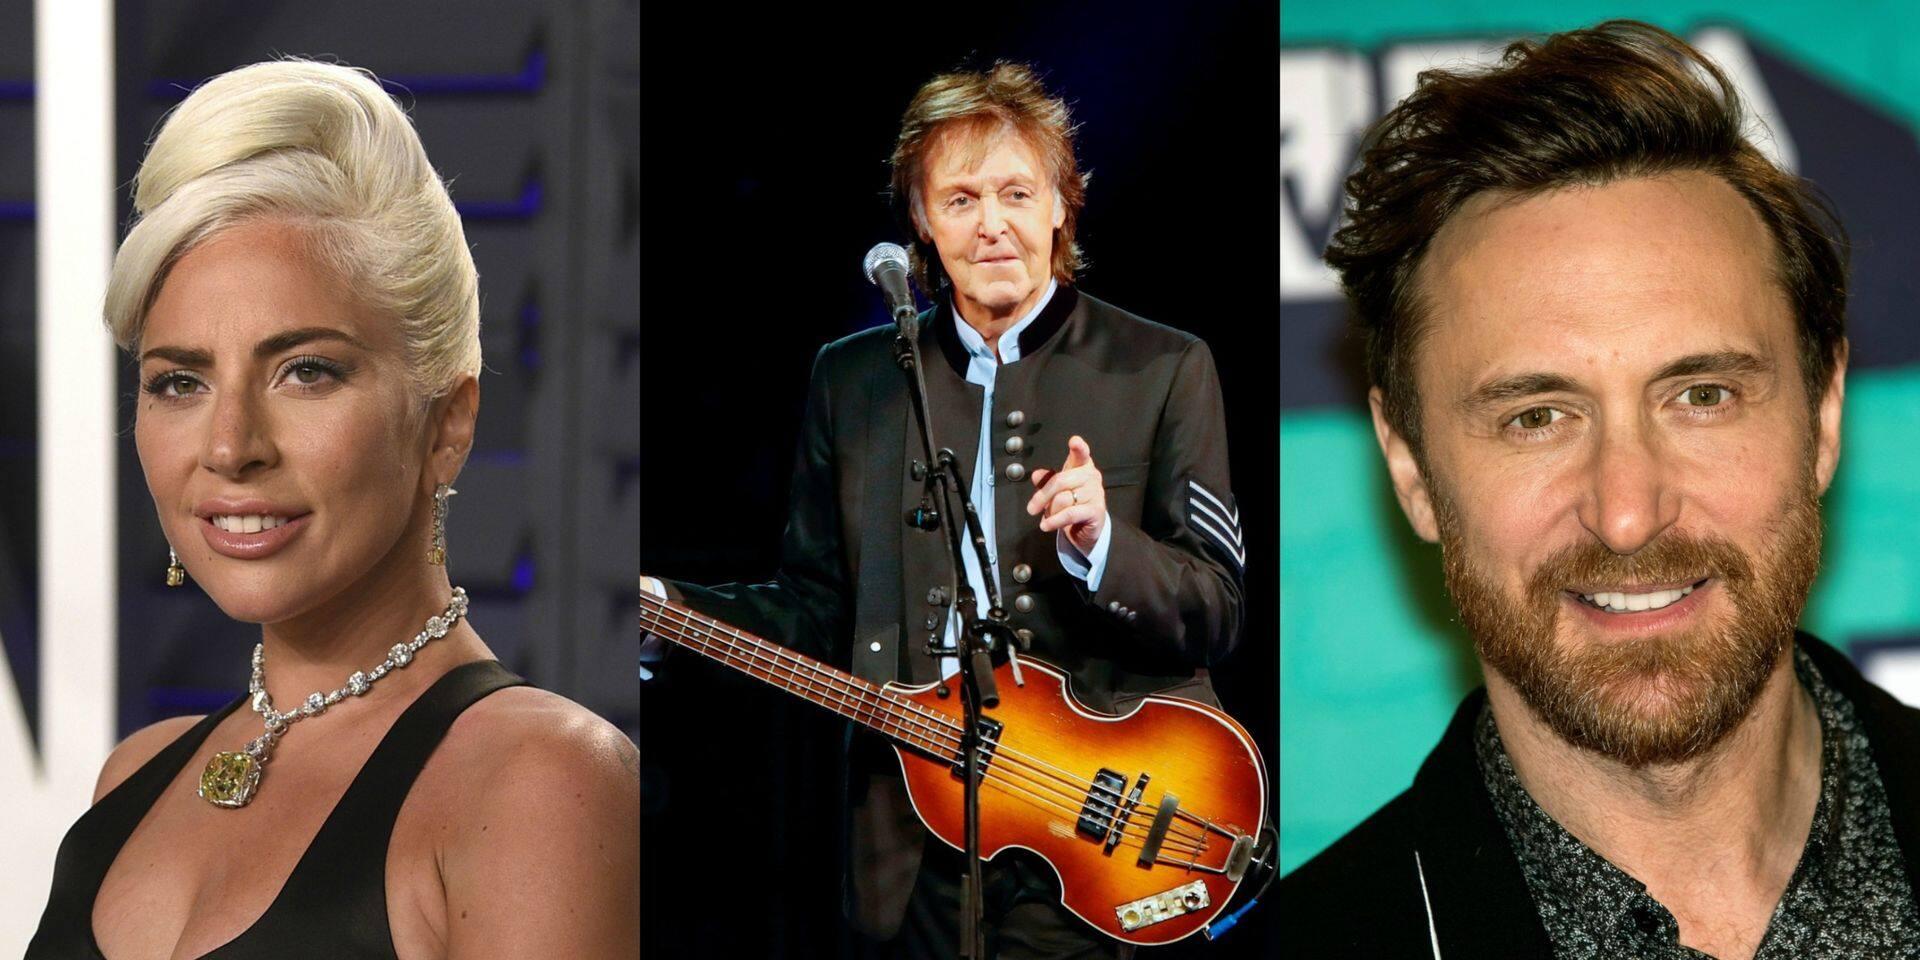 De Paul McCartney à Lady Gaga en passant par David Guetta, les stars se mobilisent contre le racisme : nécessité ou hypocrisie ?